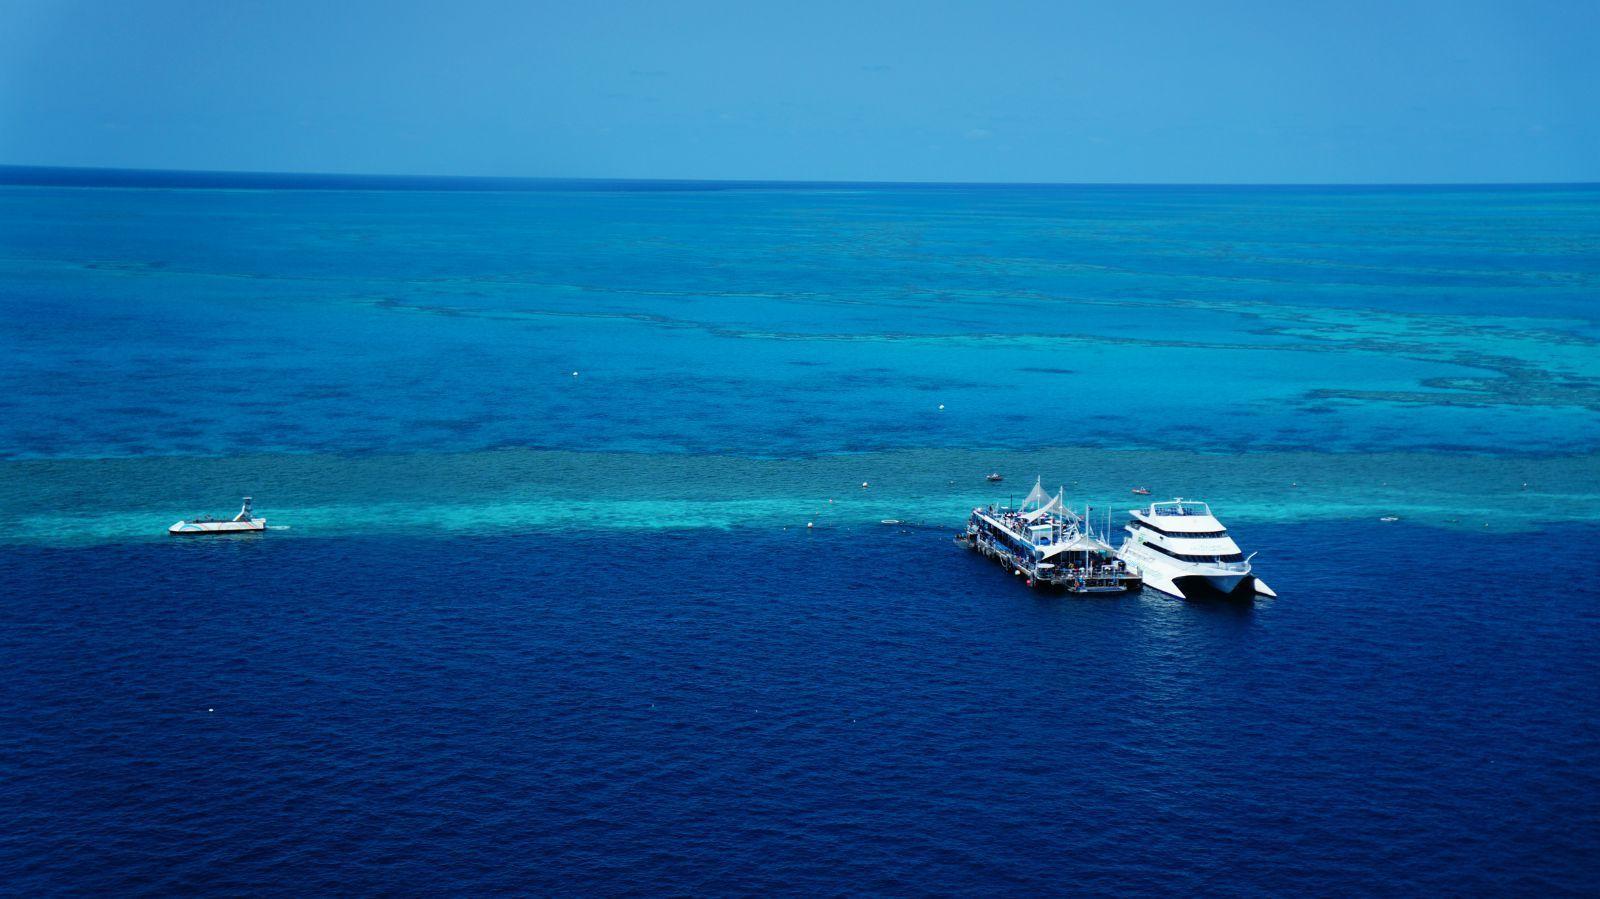 第一,浮潜当然要;第二,直升飞机很有必要,从船上和从飞机上看大堡礁是